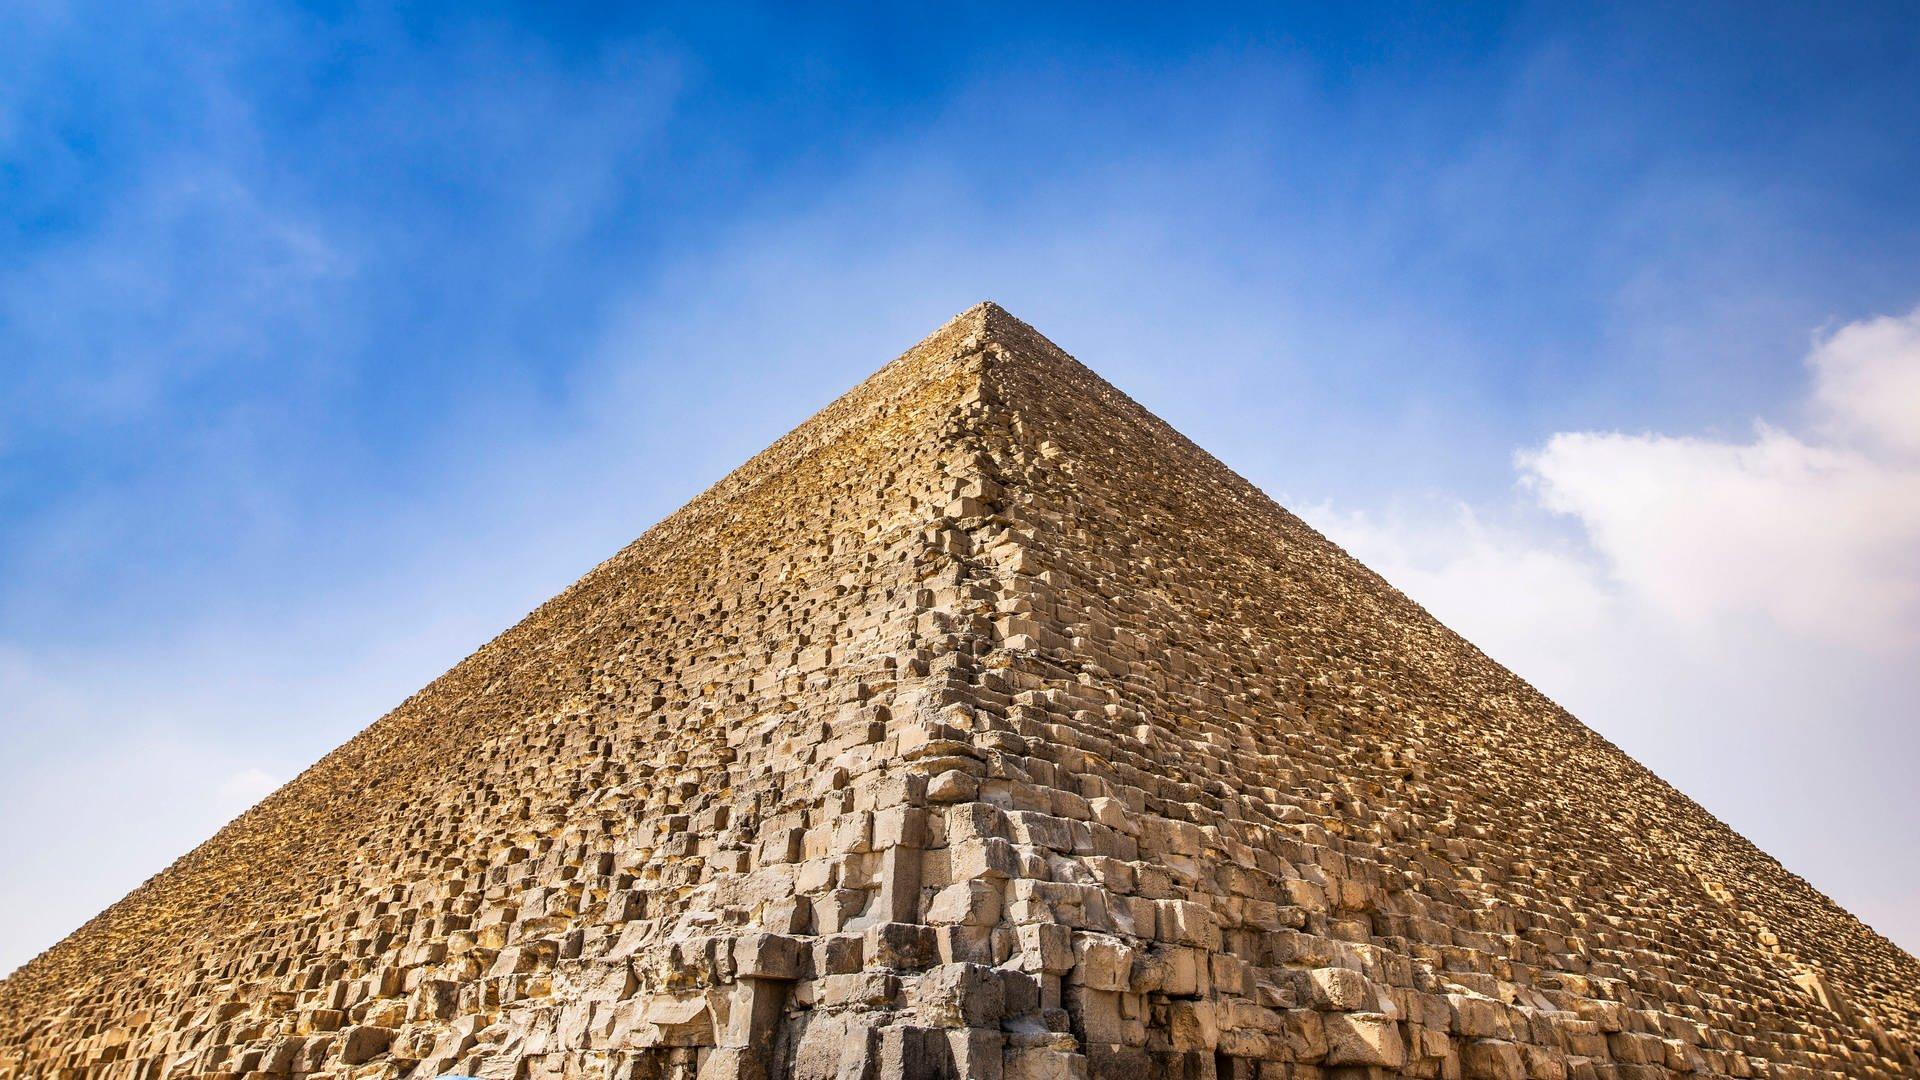 Wie Lange Dauerte Der Bau Einer Pyramide Agyptologie Swr Wissen